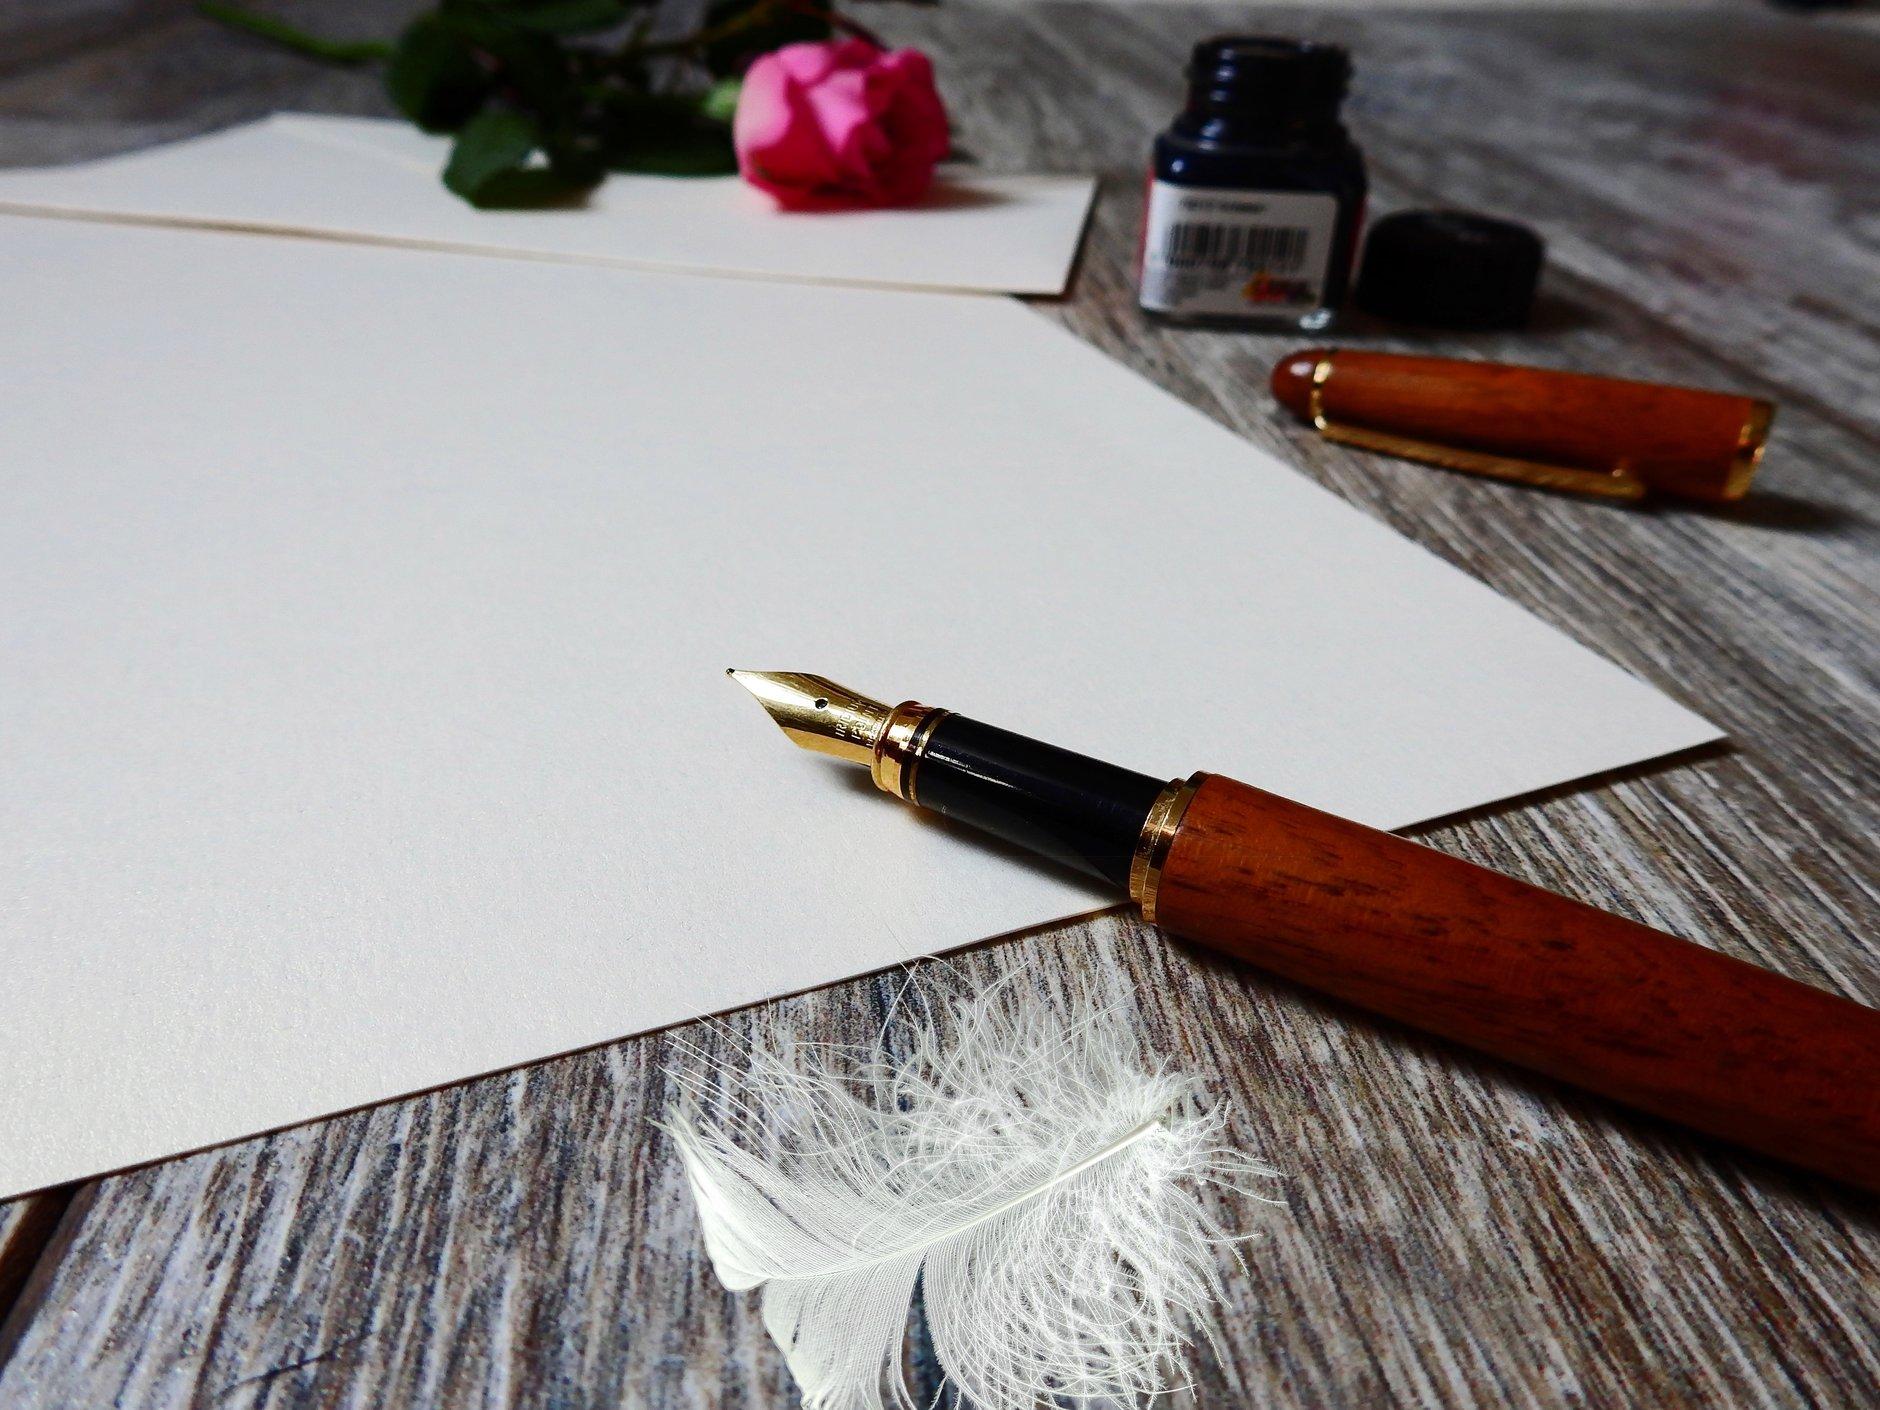 Jak Napisac List Motywacyjny Do Pracy W Zlobku